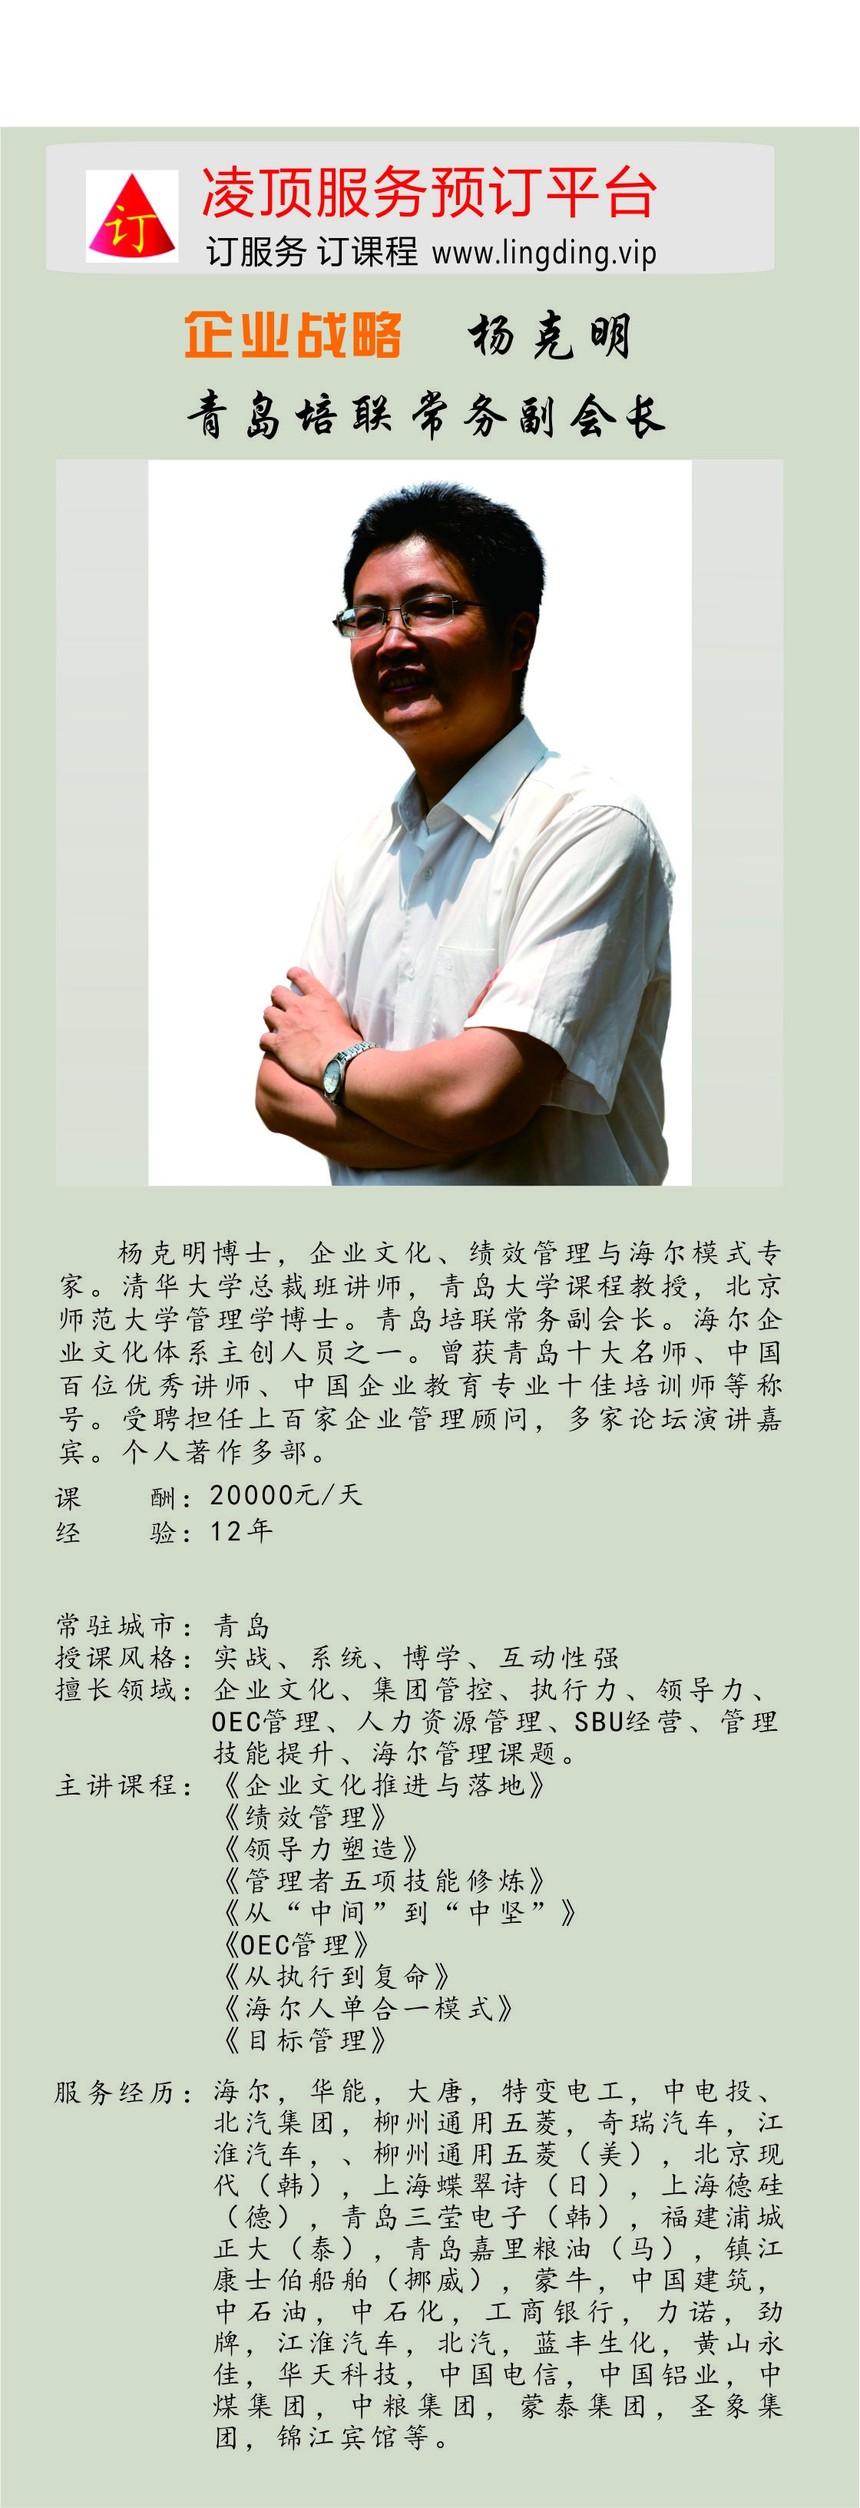 杨克明企业文化绩效管理 海尔企业管理模式培训课程.jpg